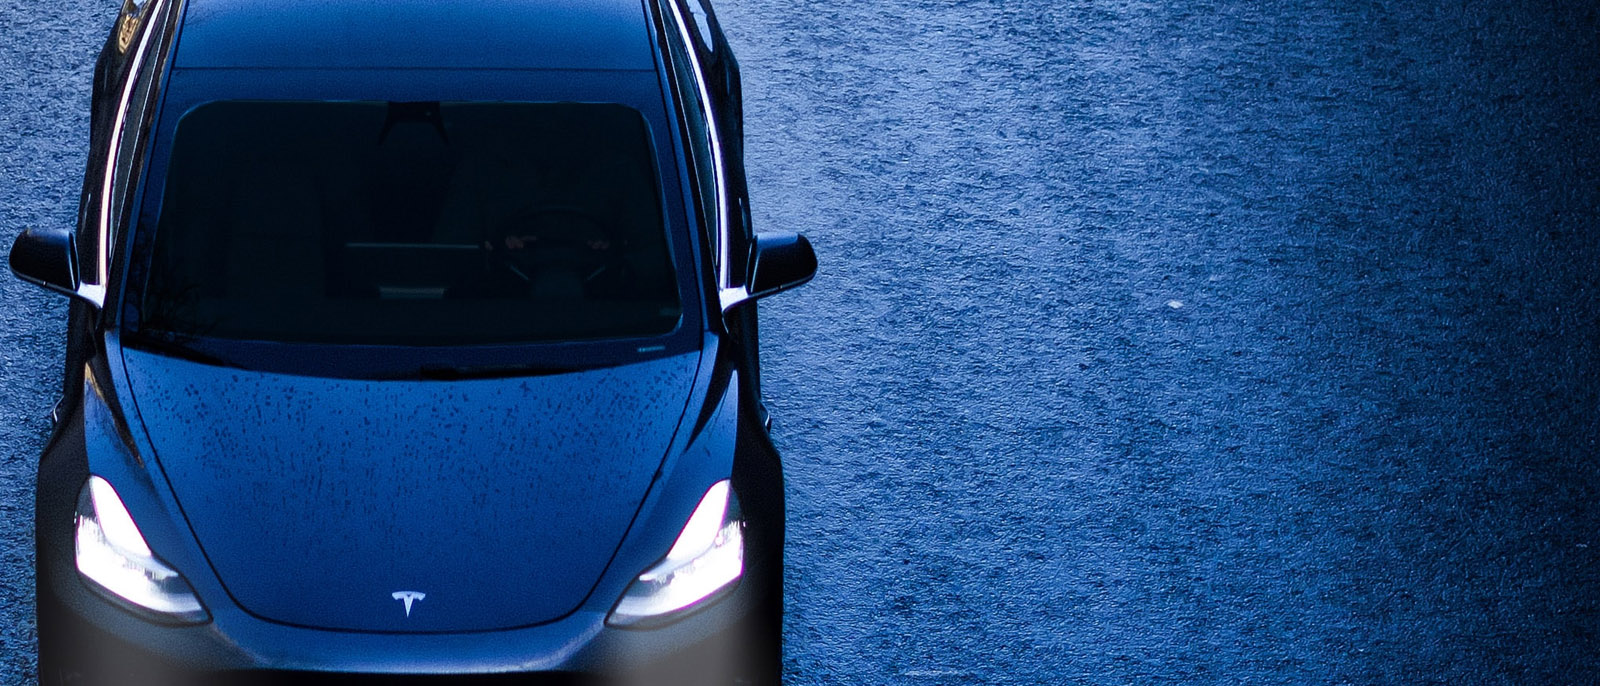 Tödlicher Tesla-Crash: Der Autopilot hat versagt – aber ist nicht alleine schuld